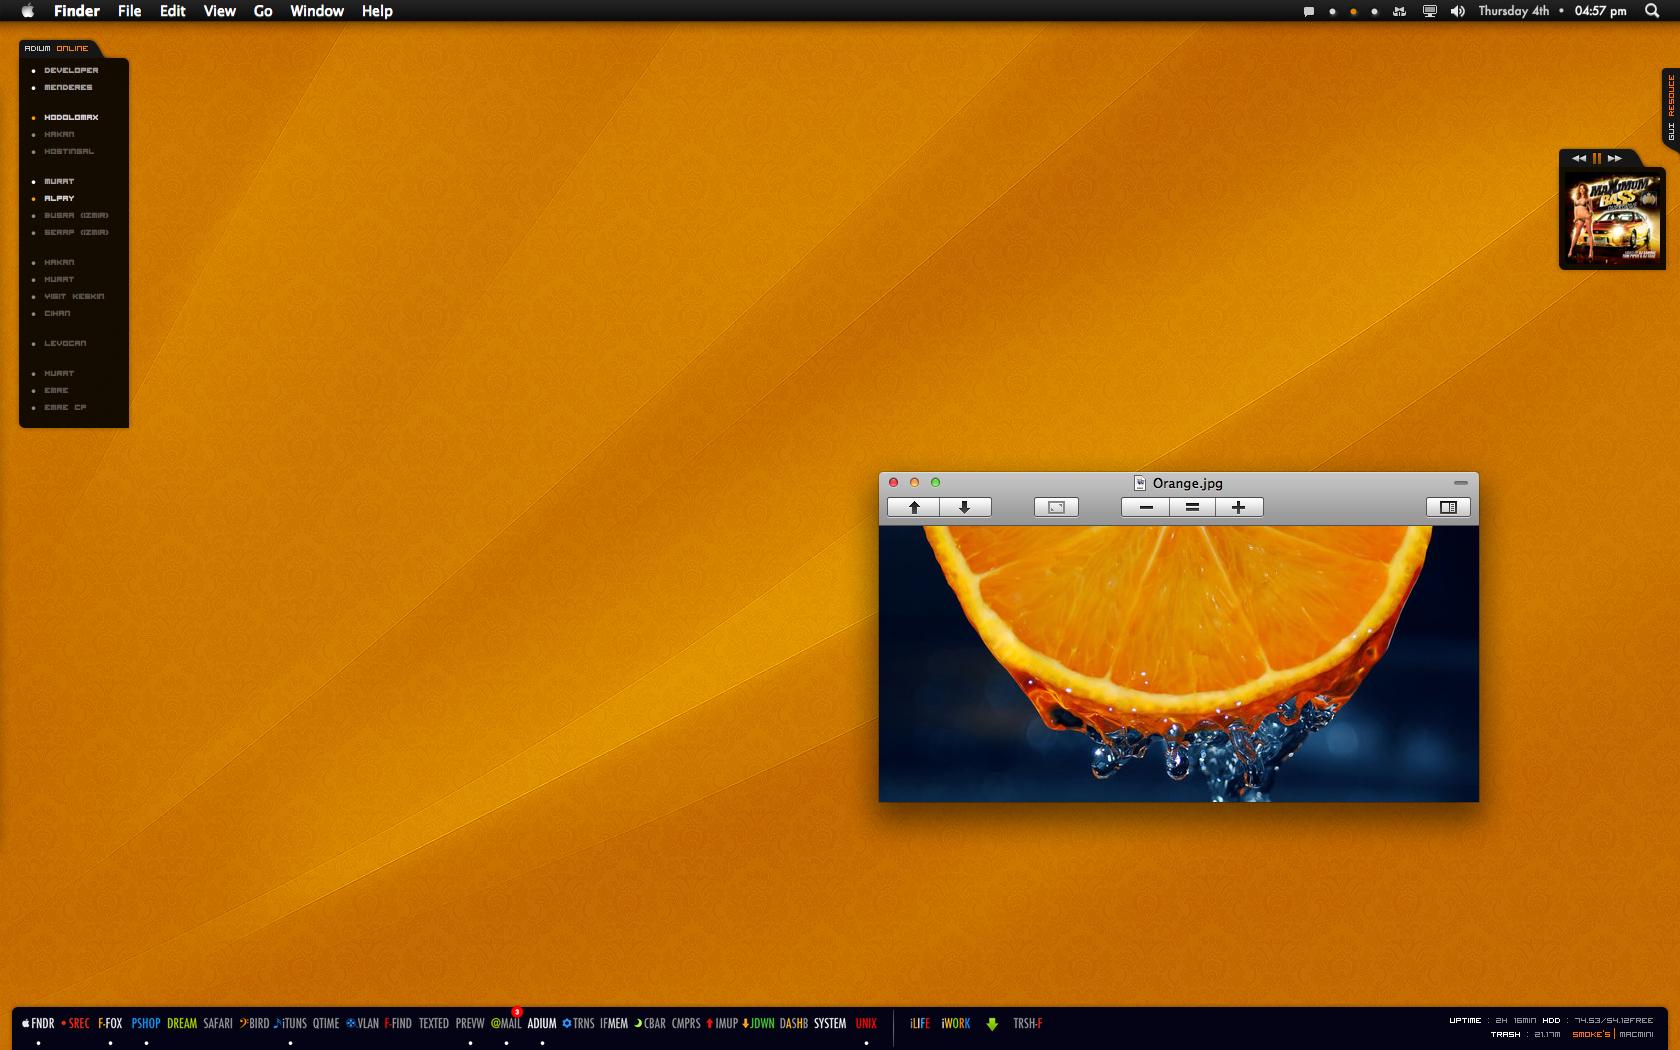 Orange.02.2010 by neodesktop